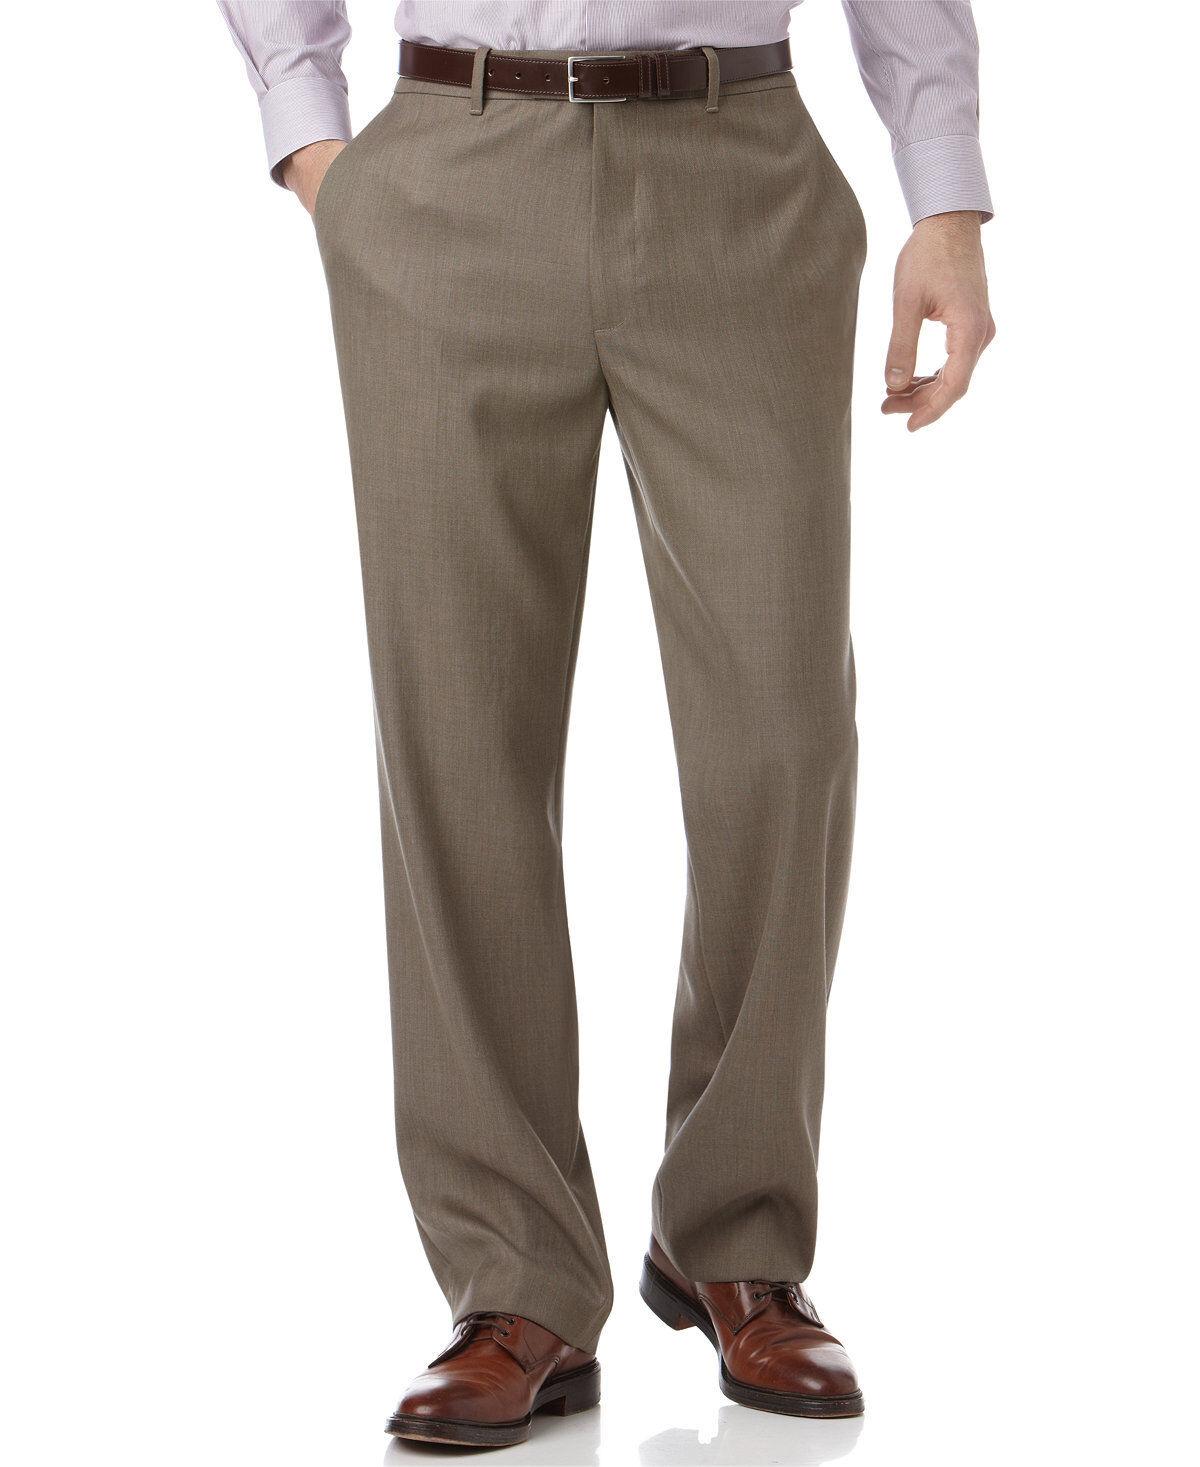 PERRY ELLIS PORTFOLIO men BROWN FLAT FRONT FIT SUIT DRESS PANTS 36 W 32 L